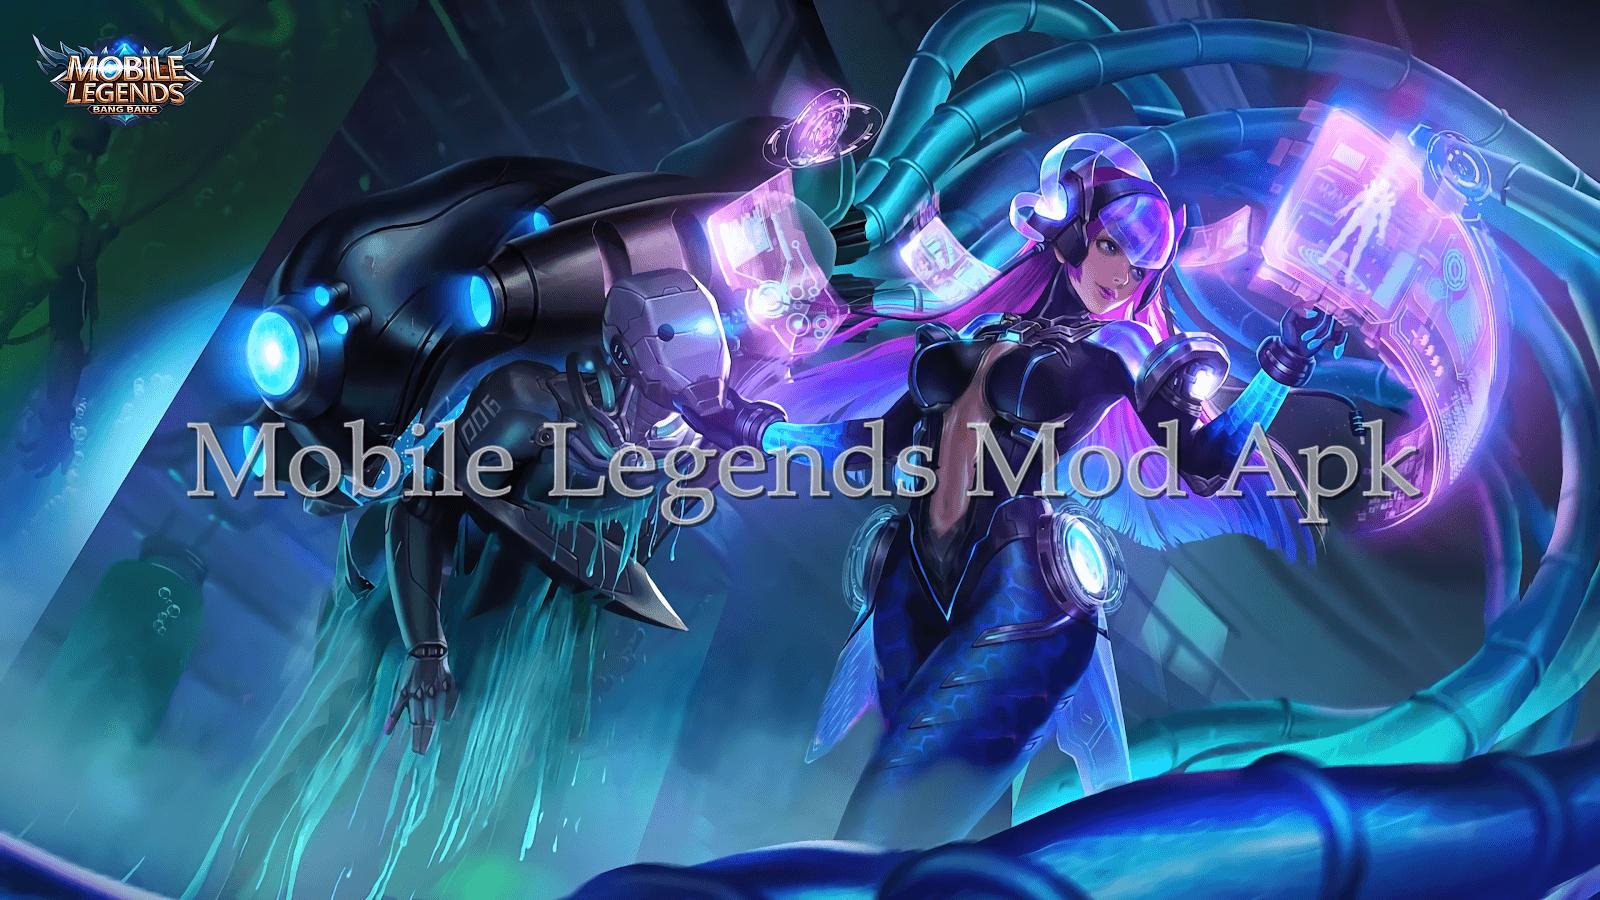 Download Mobile Legends Mod Apk Versi 1.6.46.5971 Gratis Terbaru